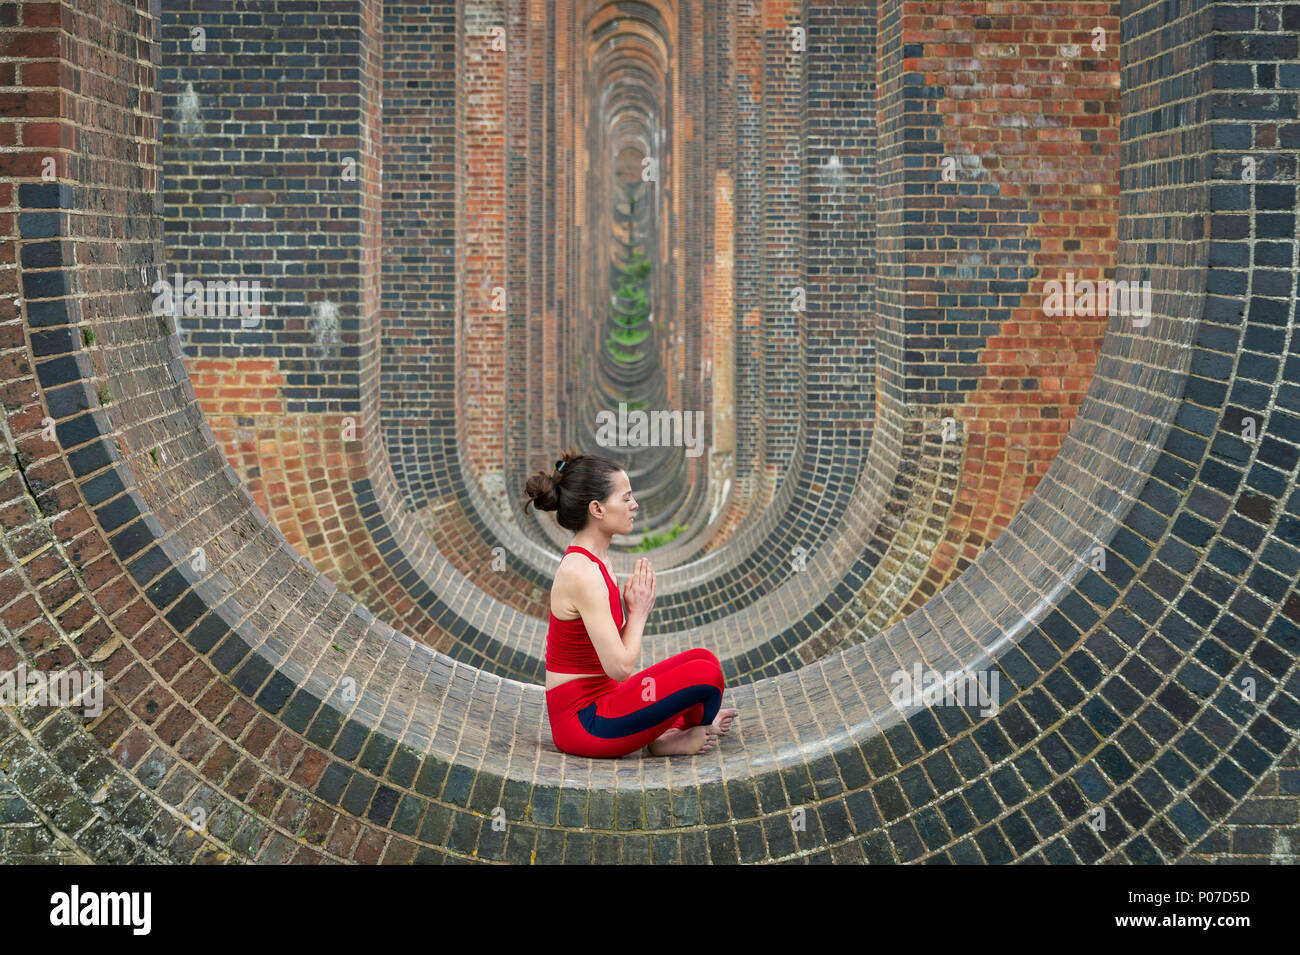 Mujer sentada en los arcos del viaducto del Valle Ouse practicando yoga y meditación Imagen De Stock